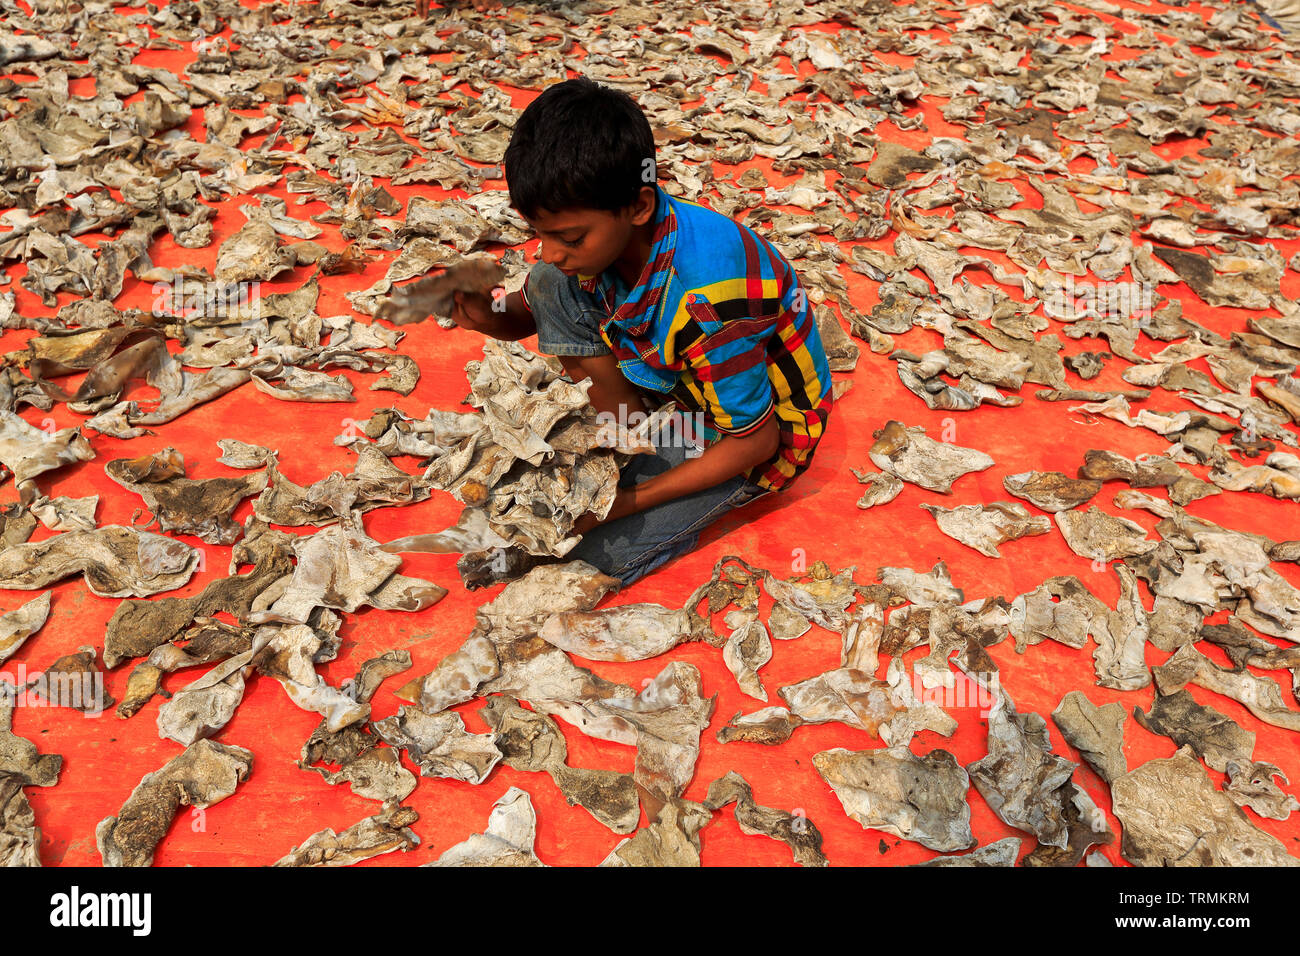 A child lying animal skins to dry at the bank of Buriganga River at Hazaribag. Dhaka, Bangladesh. - Stock Image